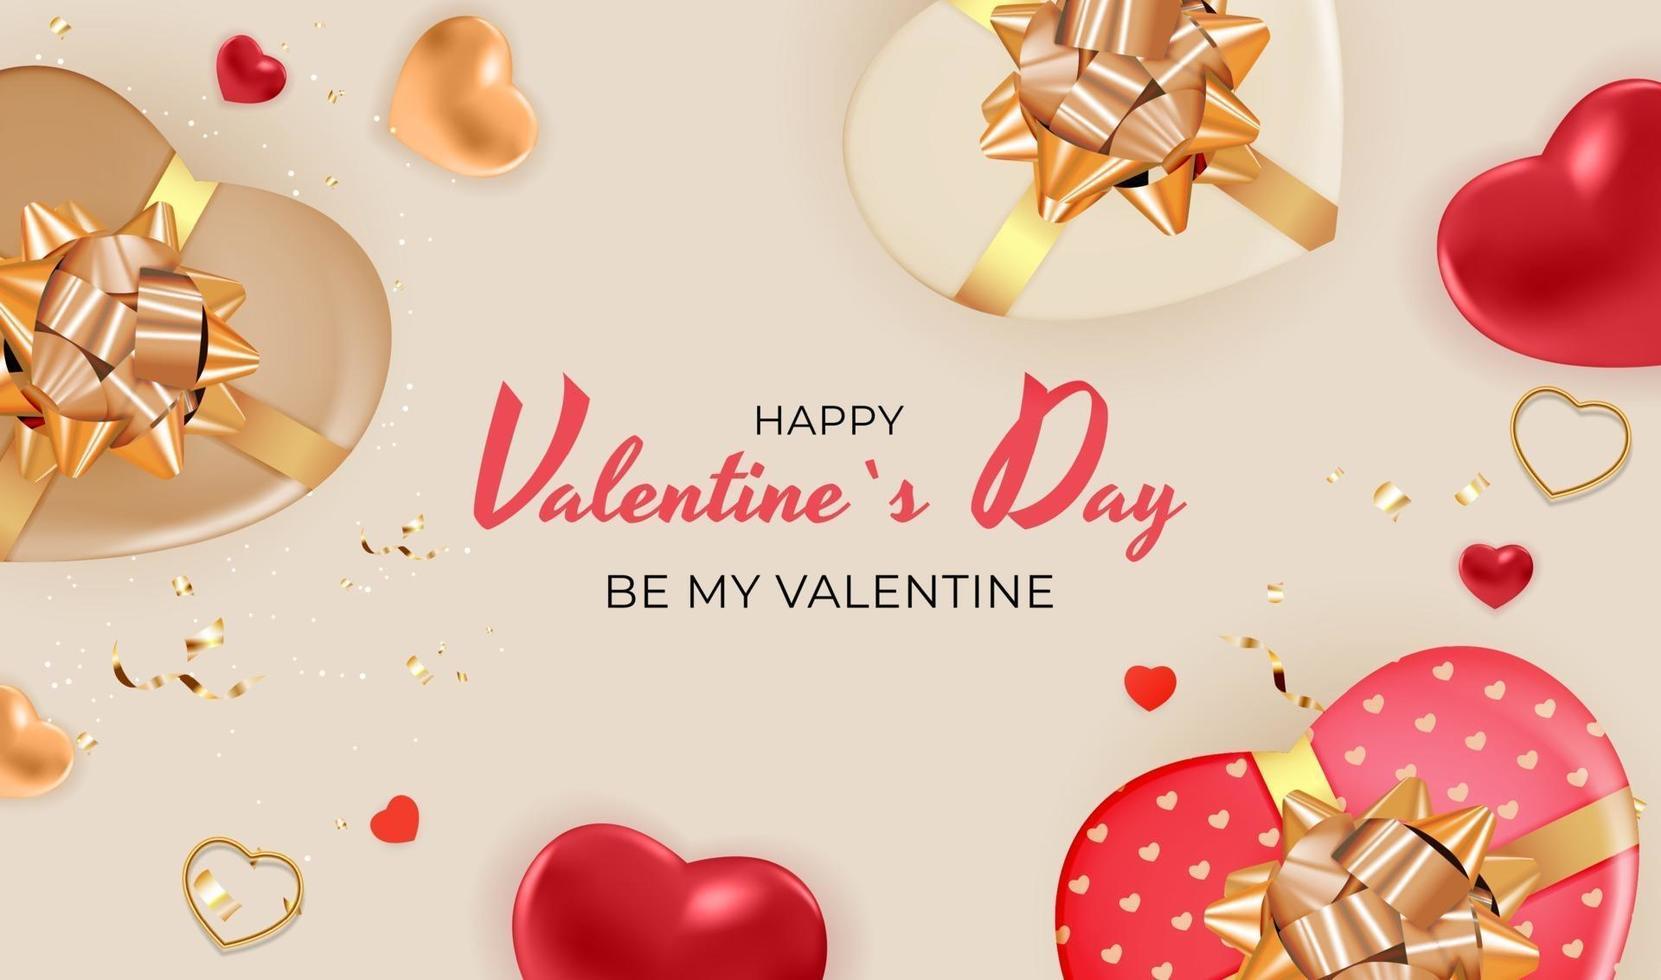 sfondo marrone di San Valentino con scatola regalo a forma di cuori vettore